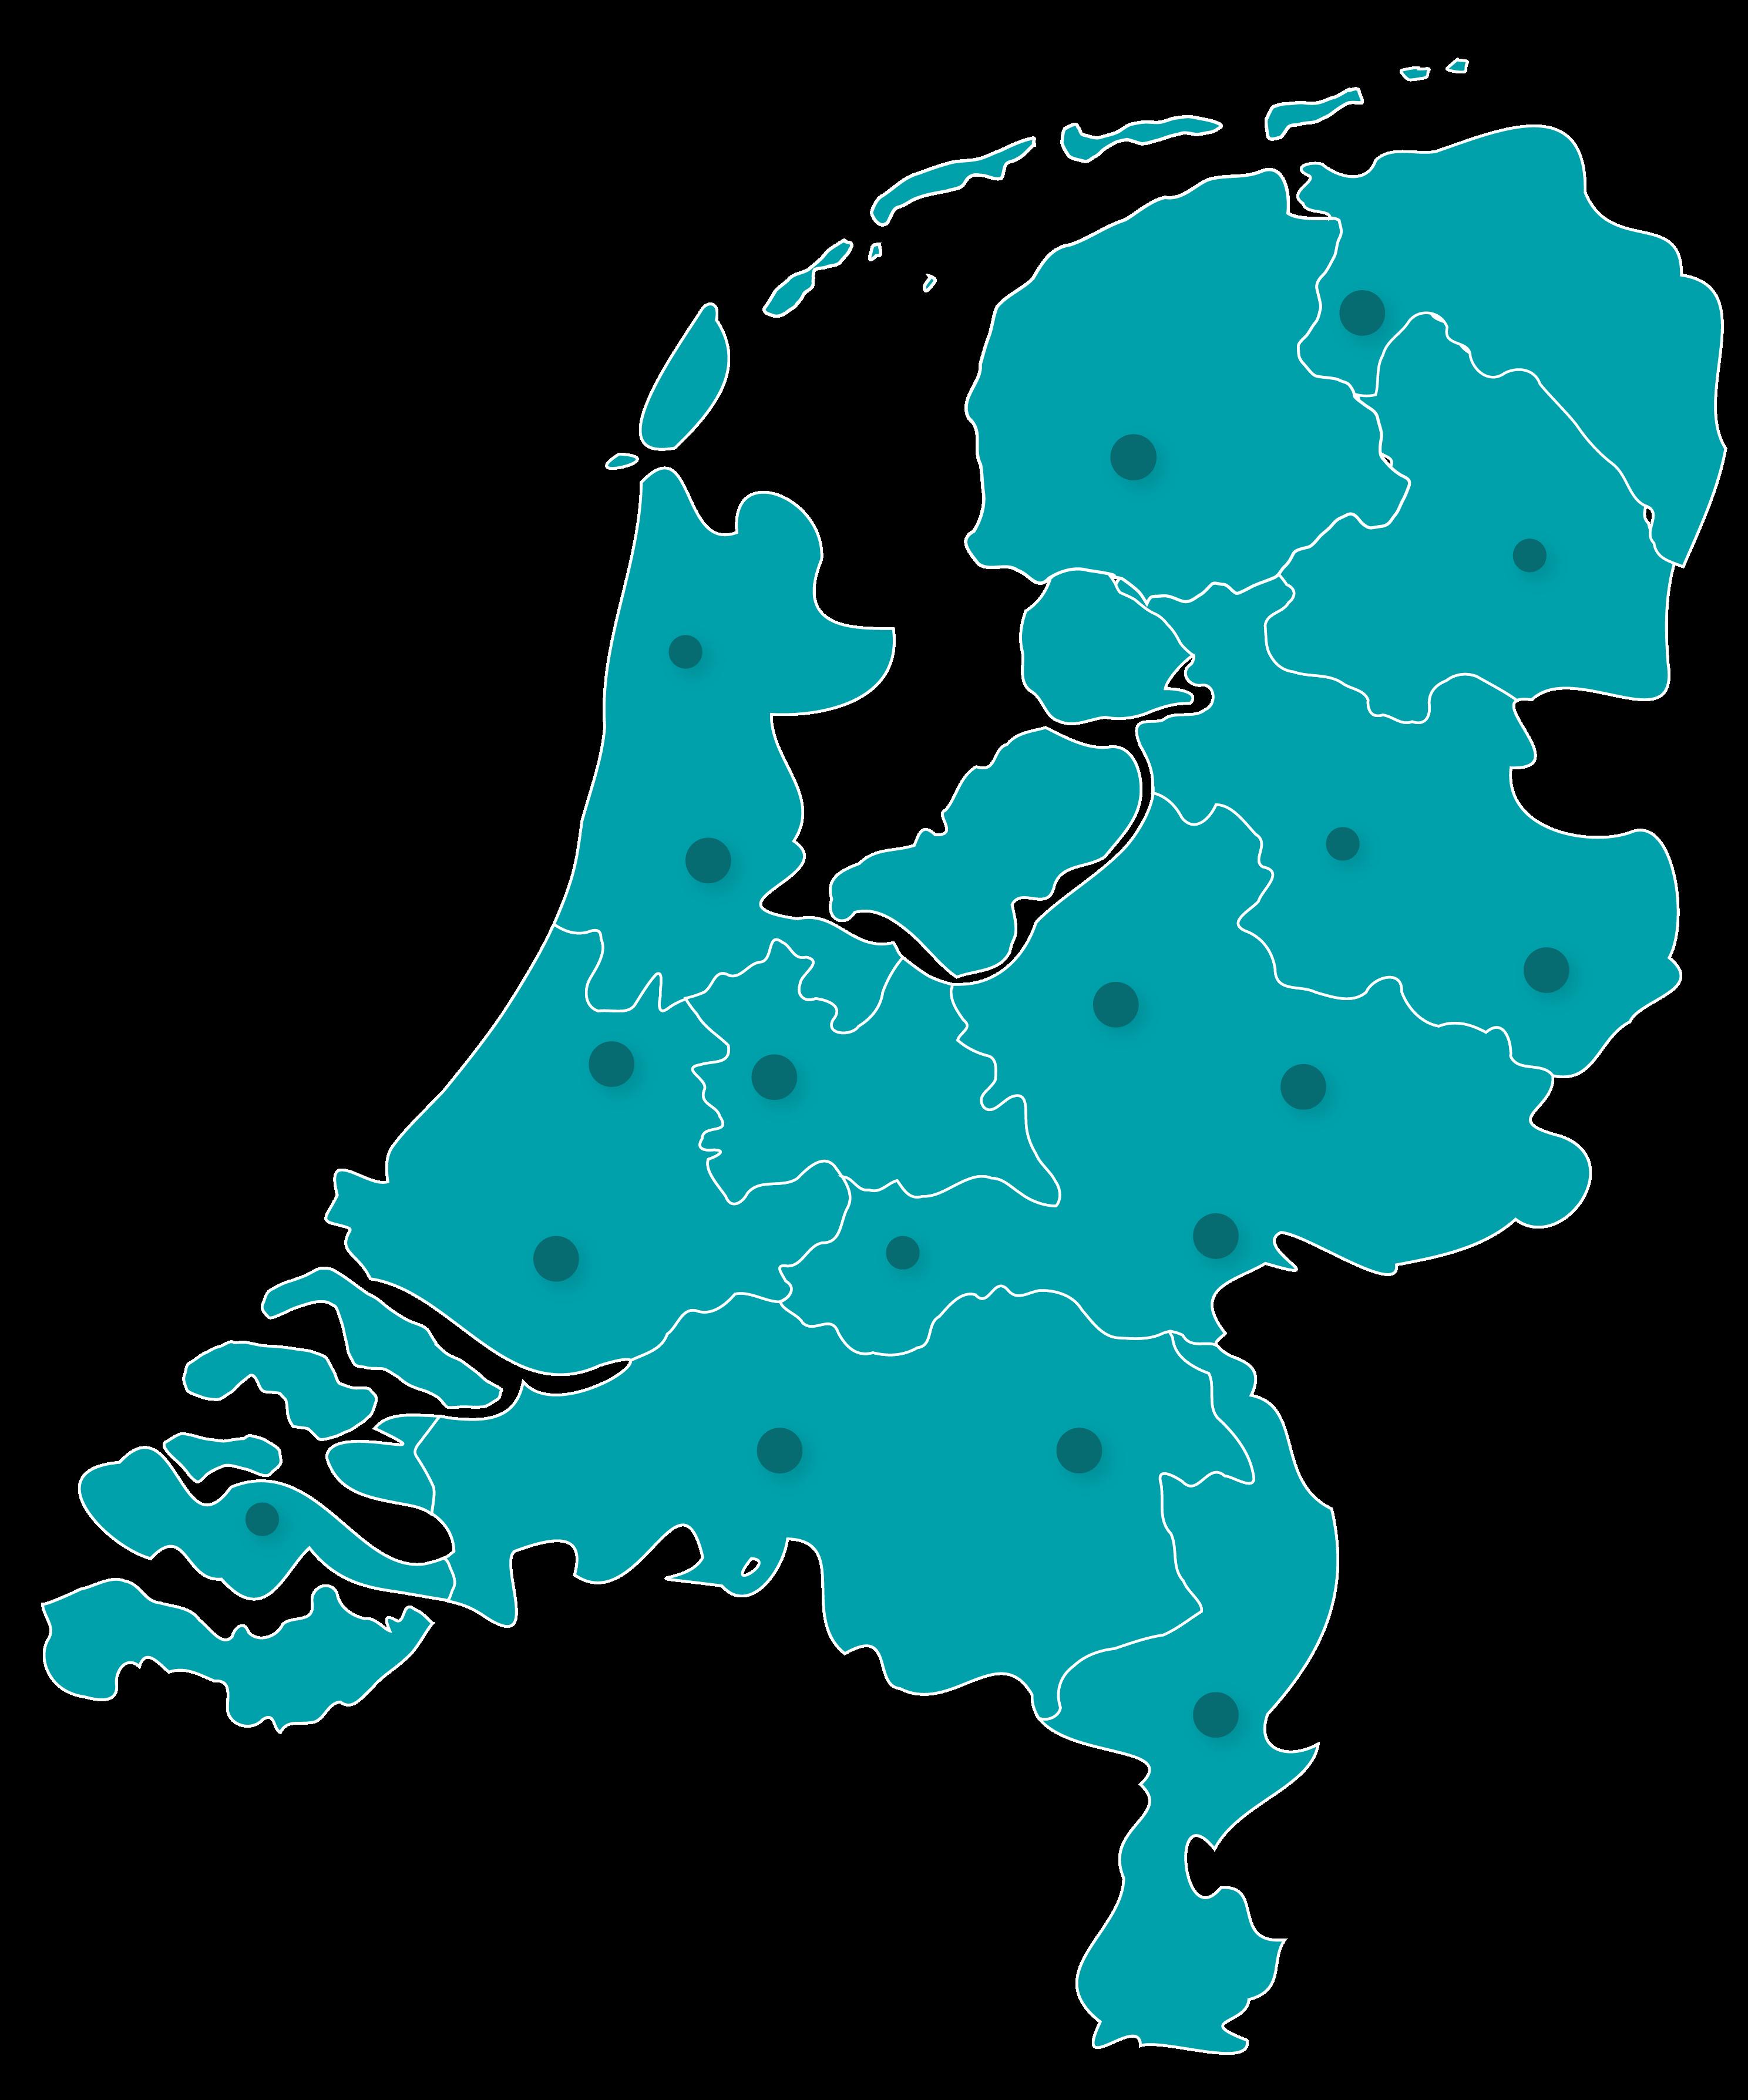 Plakservice verzorgingsgebied in heel Nederland